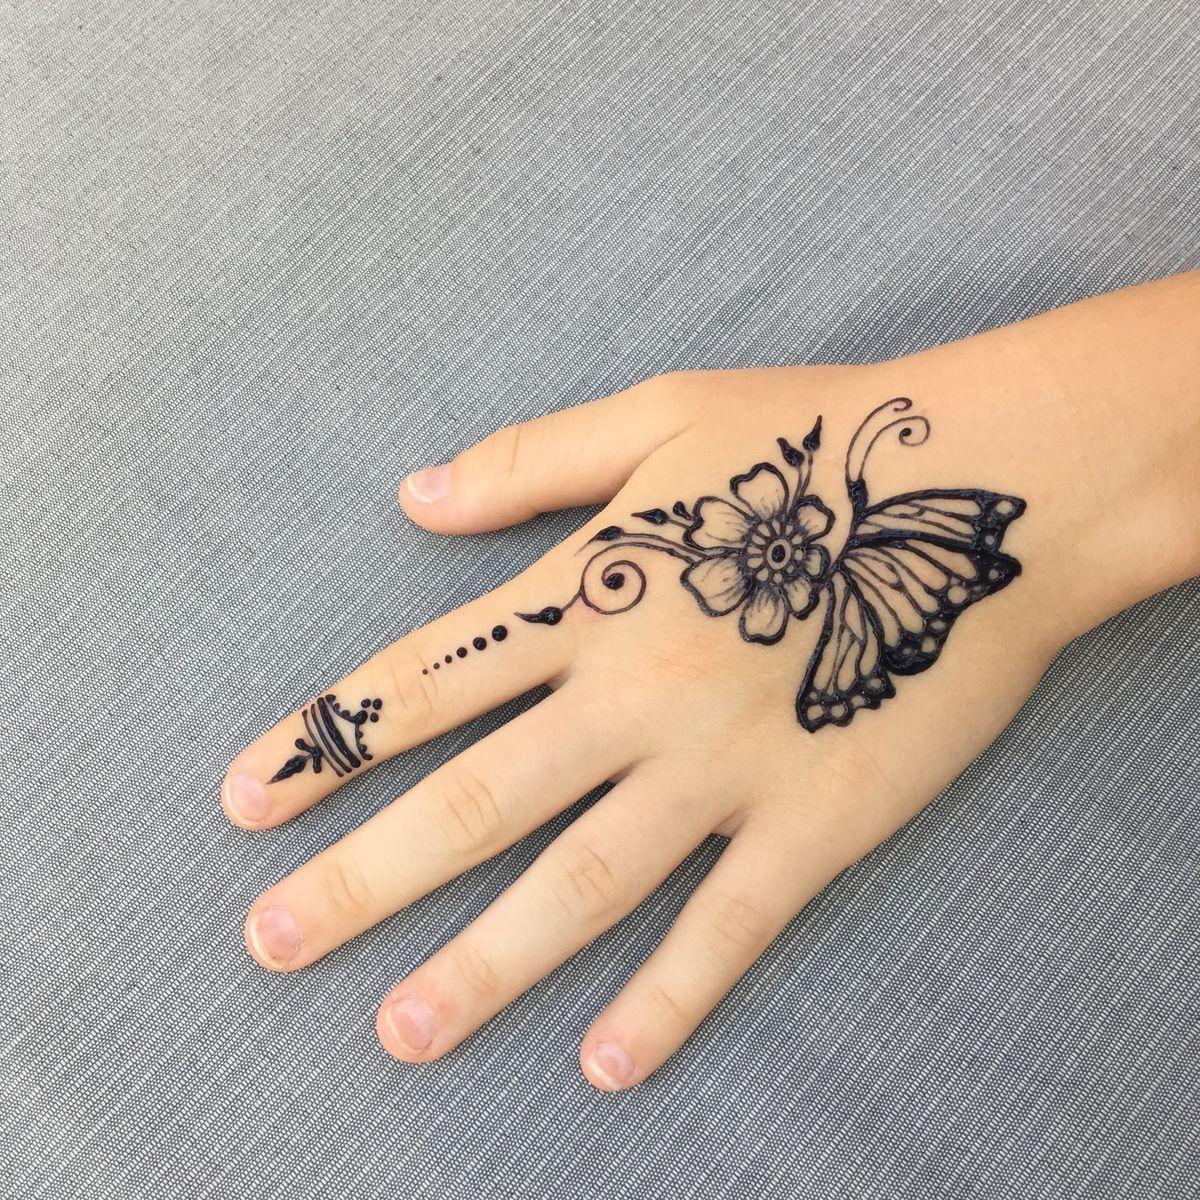 Mehndidesign Mehndi Henna Beautyofhands Hennadesigns Bridalhenna Arabichenna Bestde Henna Tattoo Designs Simple Henna Tattoo Designs Henna Tattoo Hand